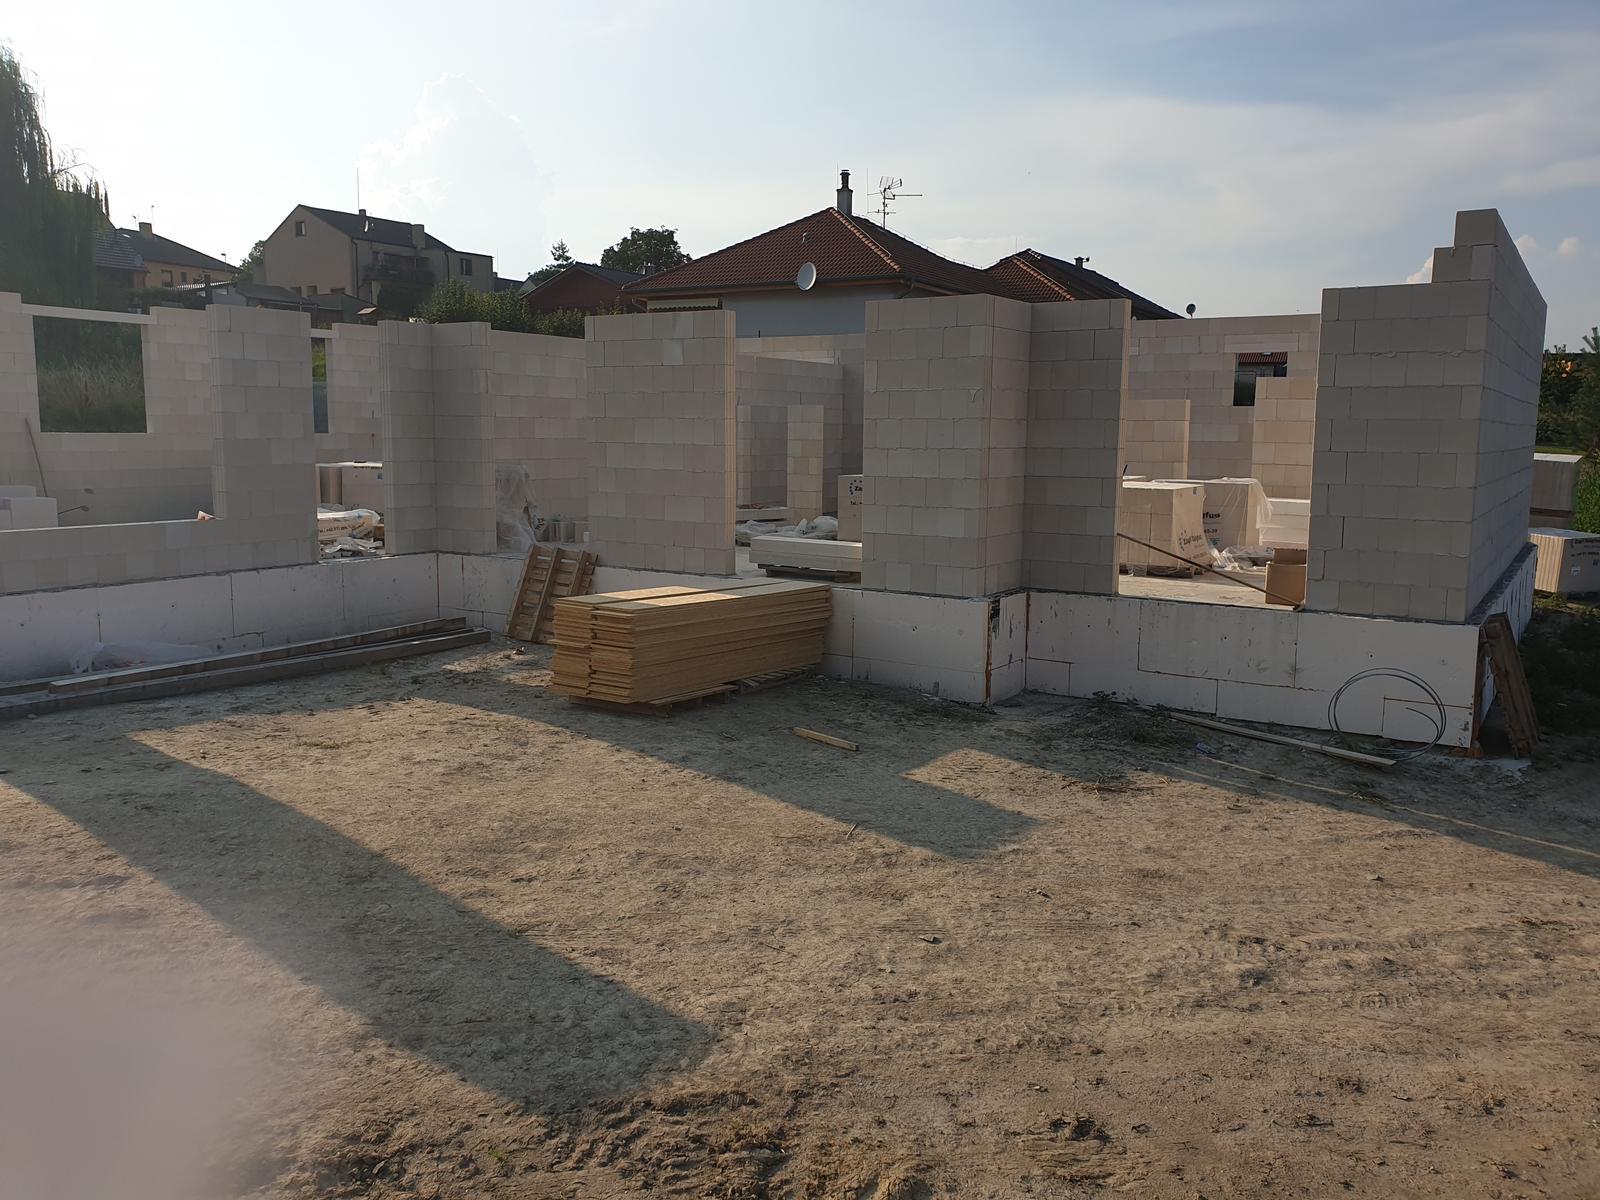 Bungalov s plochou střechou - Obrázek č. 75